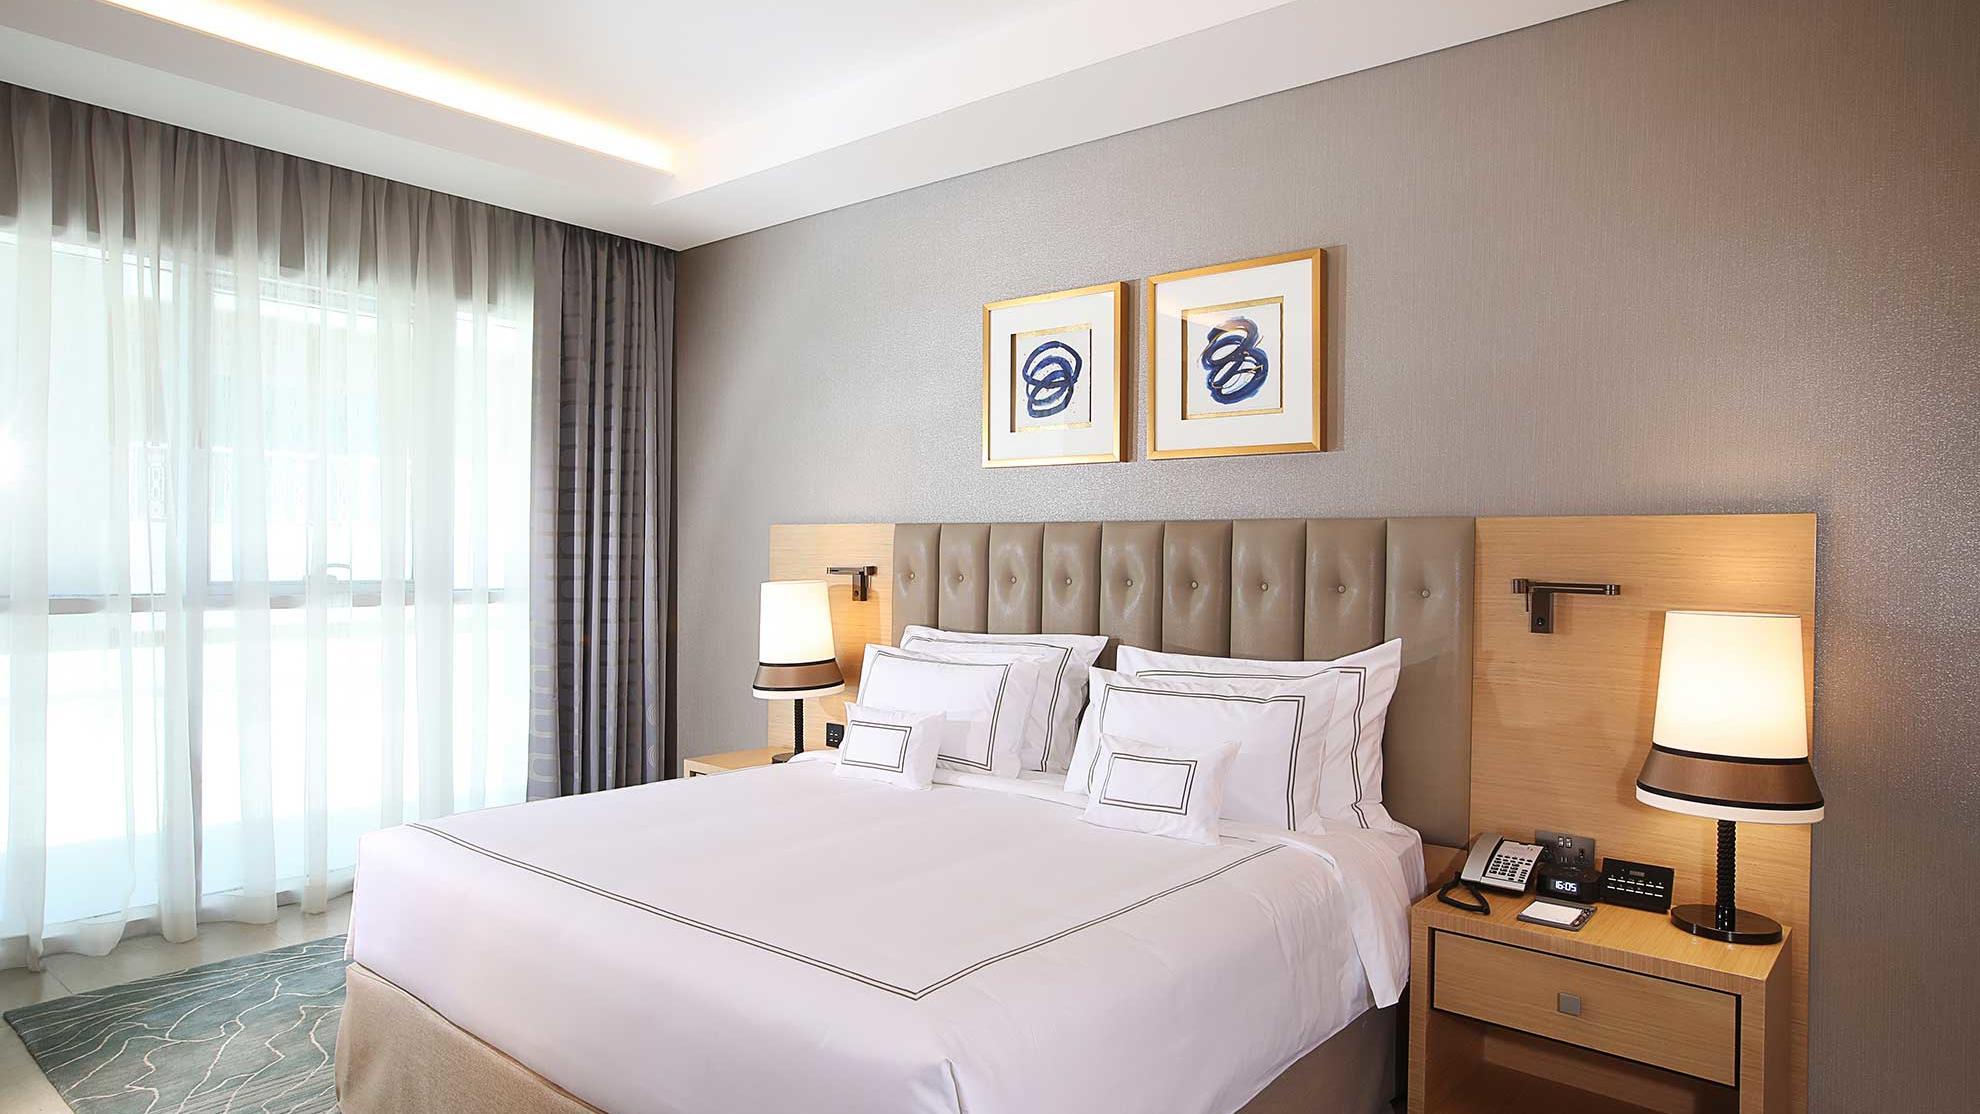 one bedroom terrace suite cosmopolitan  kyrepnlcursos